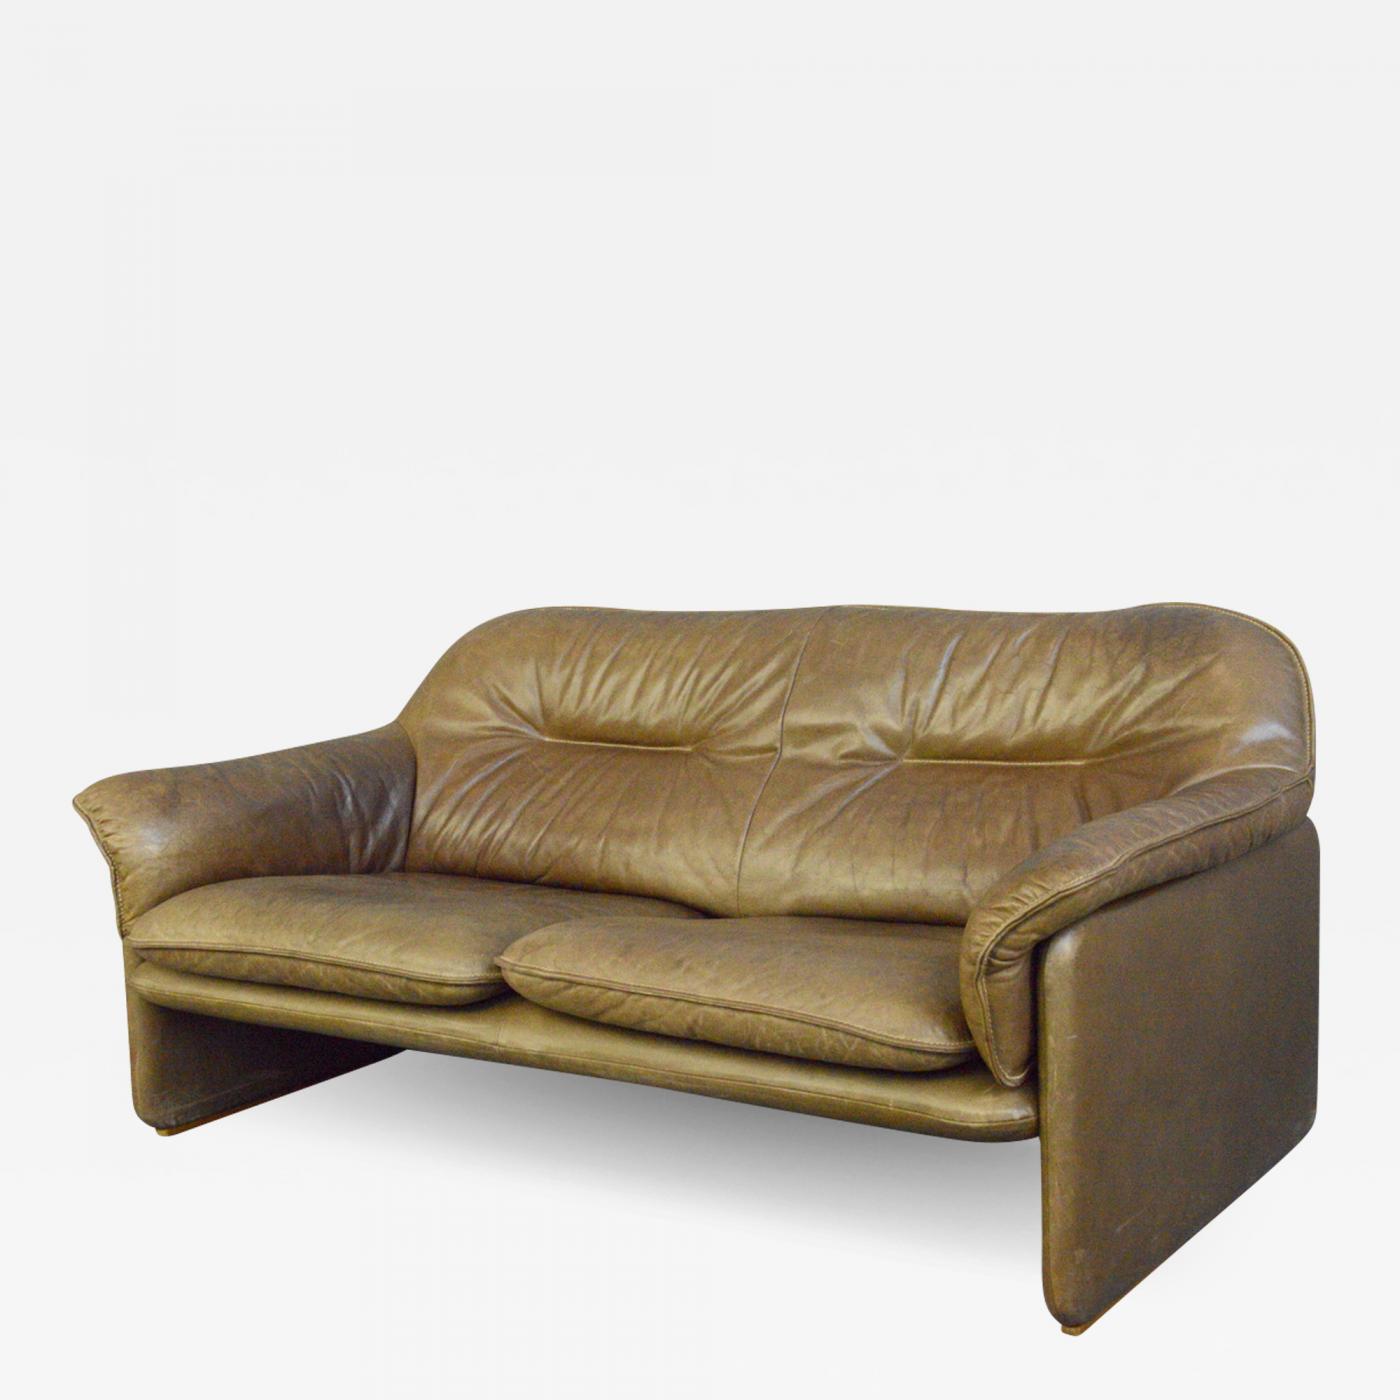 Mid Century Leather Sofa By De Sede Circa 1960s